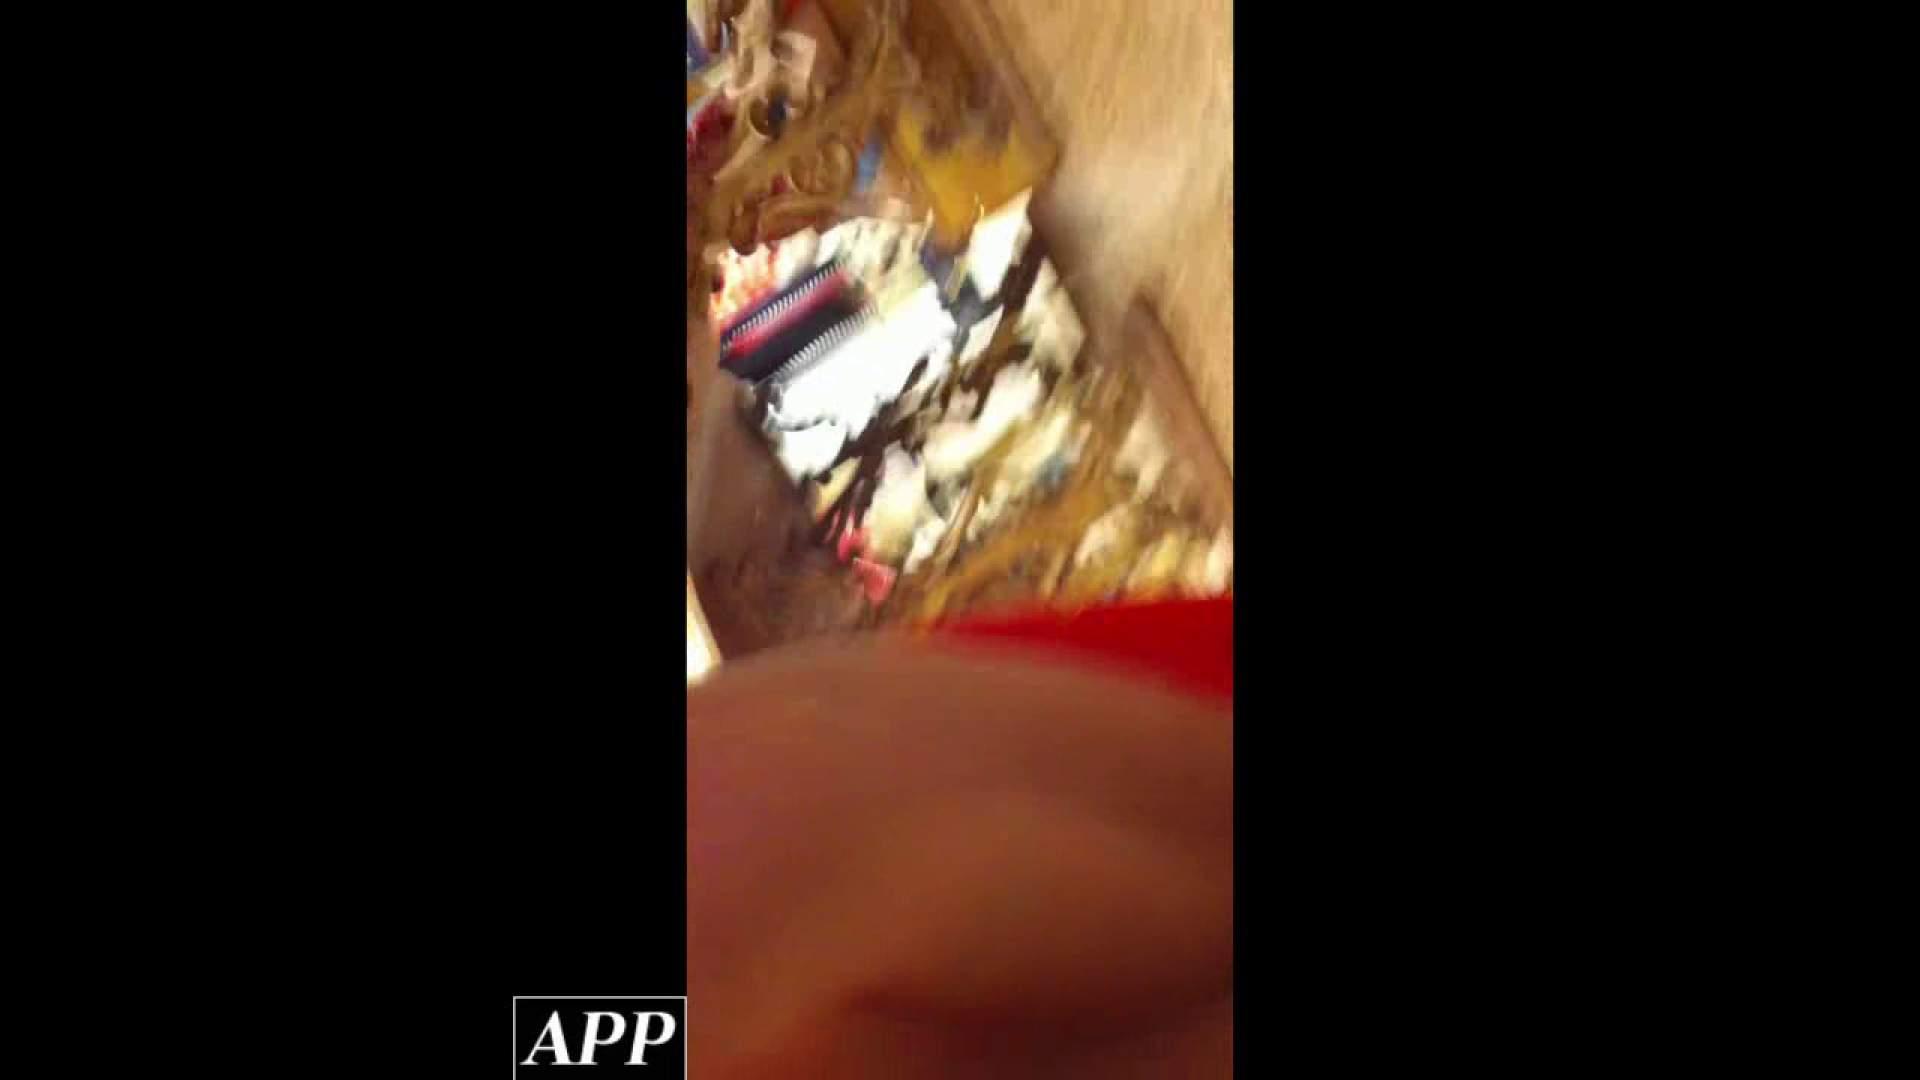 ハイビジョン盗撮!ショップ店員千人斬り!胸チラ編 vol.86 盗撮師作品 われめAV動画紹介 104pic 104